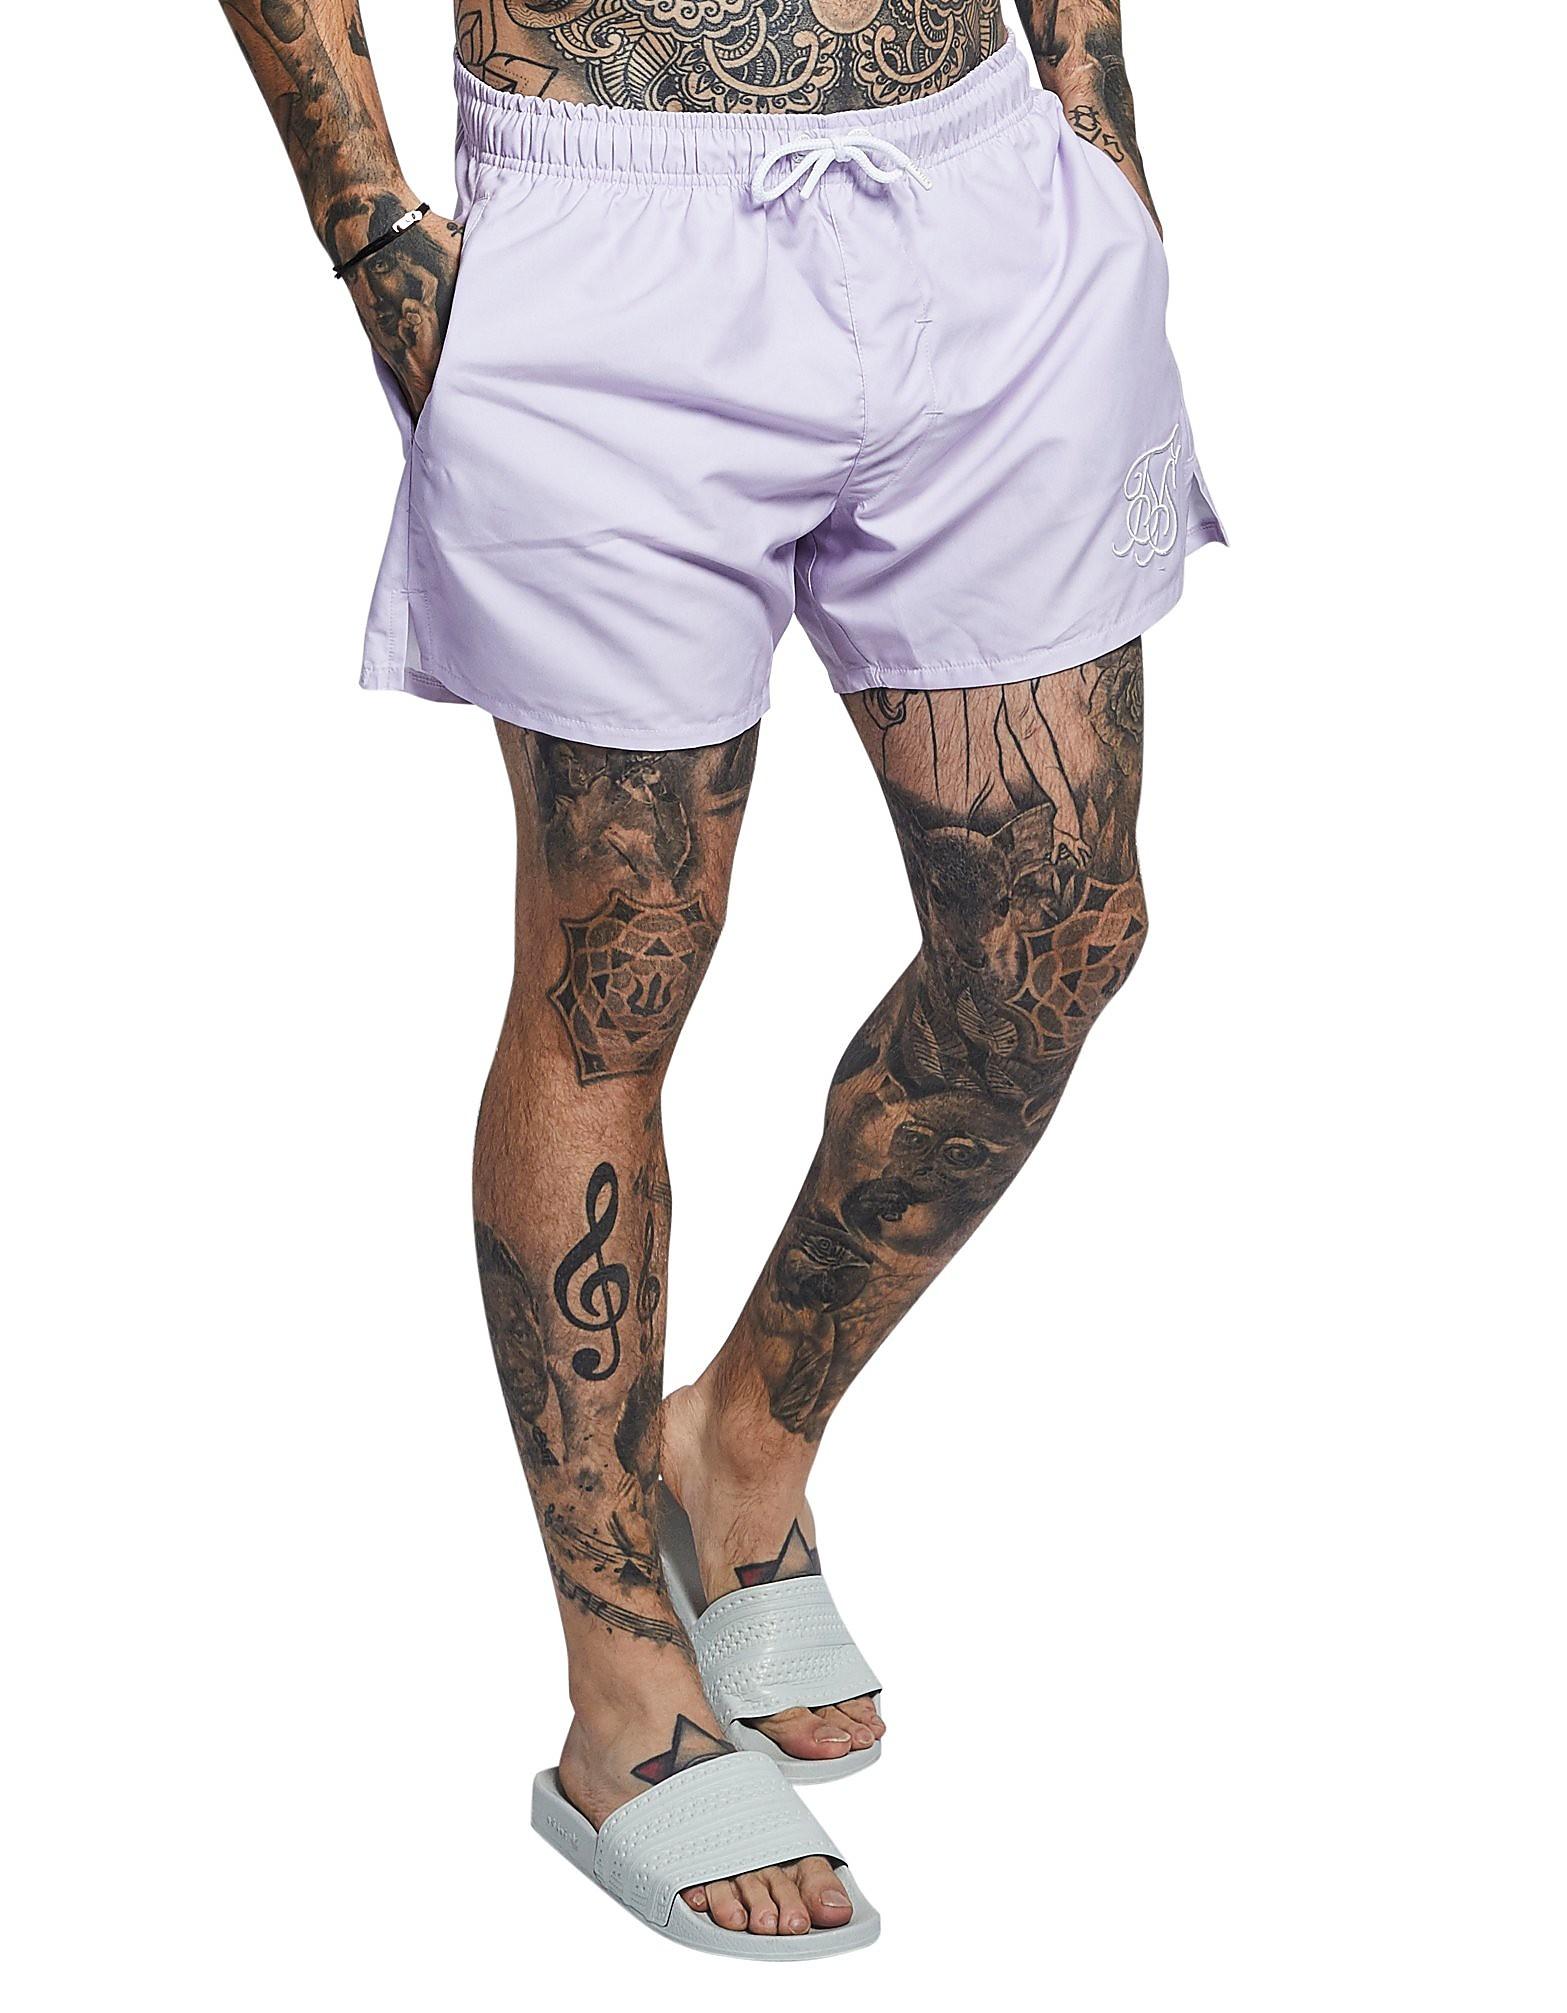 SikSilk Swim Shorts Heren - Lilac/White - Heren